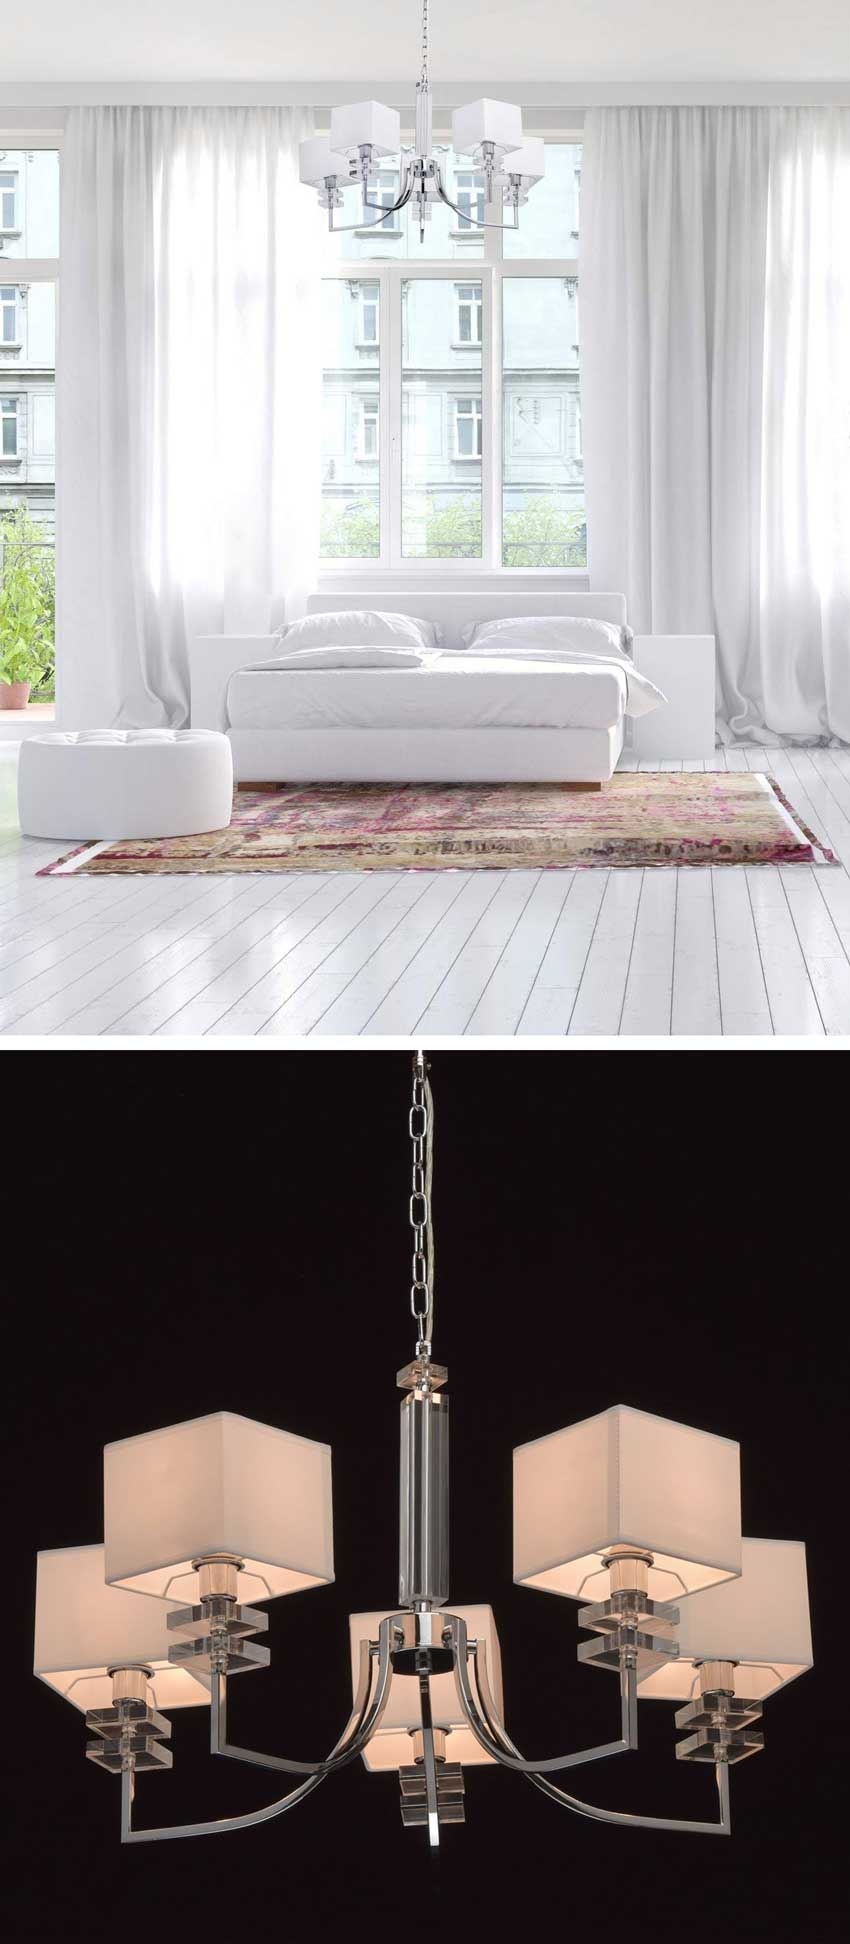 Lampadari Design Camera Da Letto.Lampadari E Lampade A Sospensione Design 35 Idee Che Vi